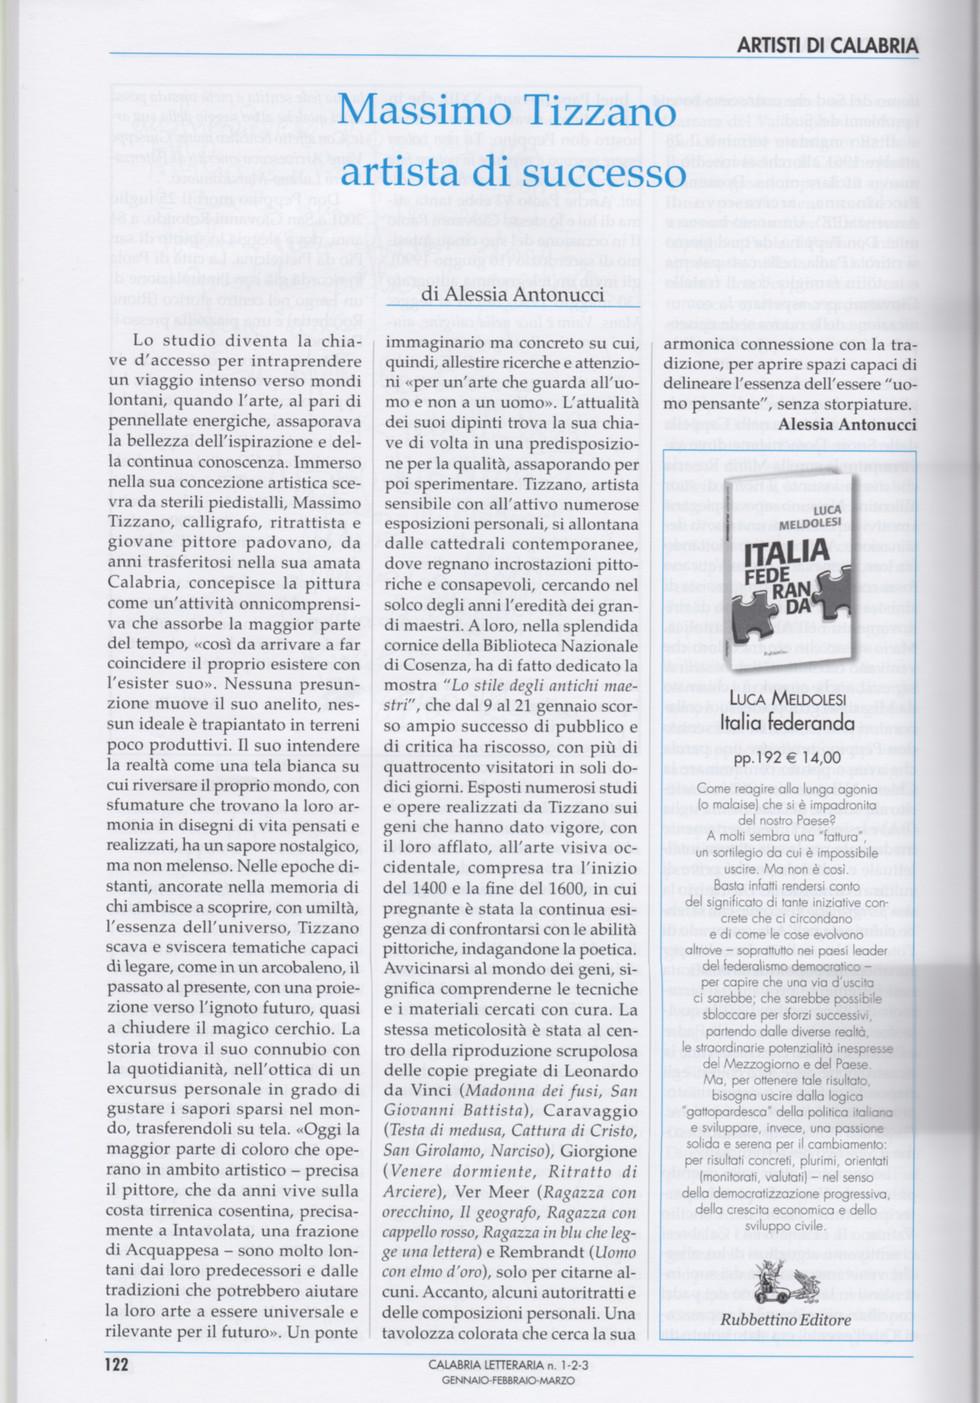 Calabria letteraria su Massimo Tizzano